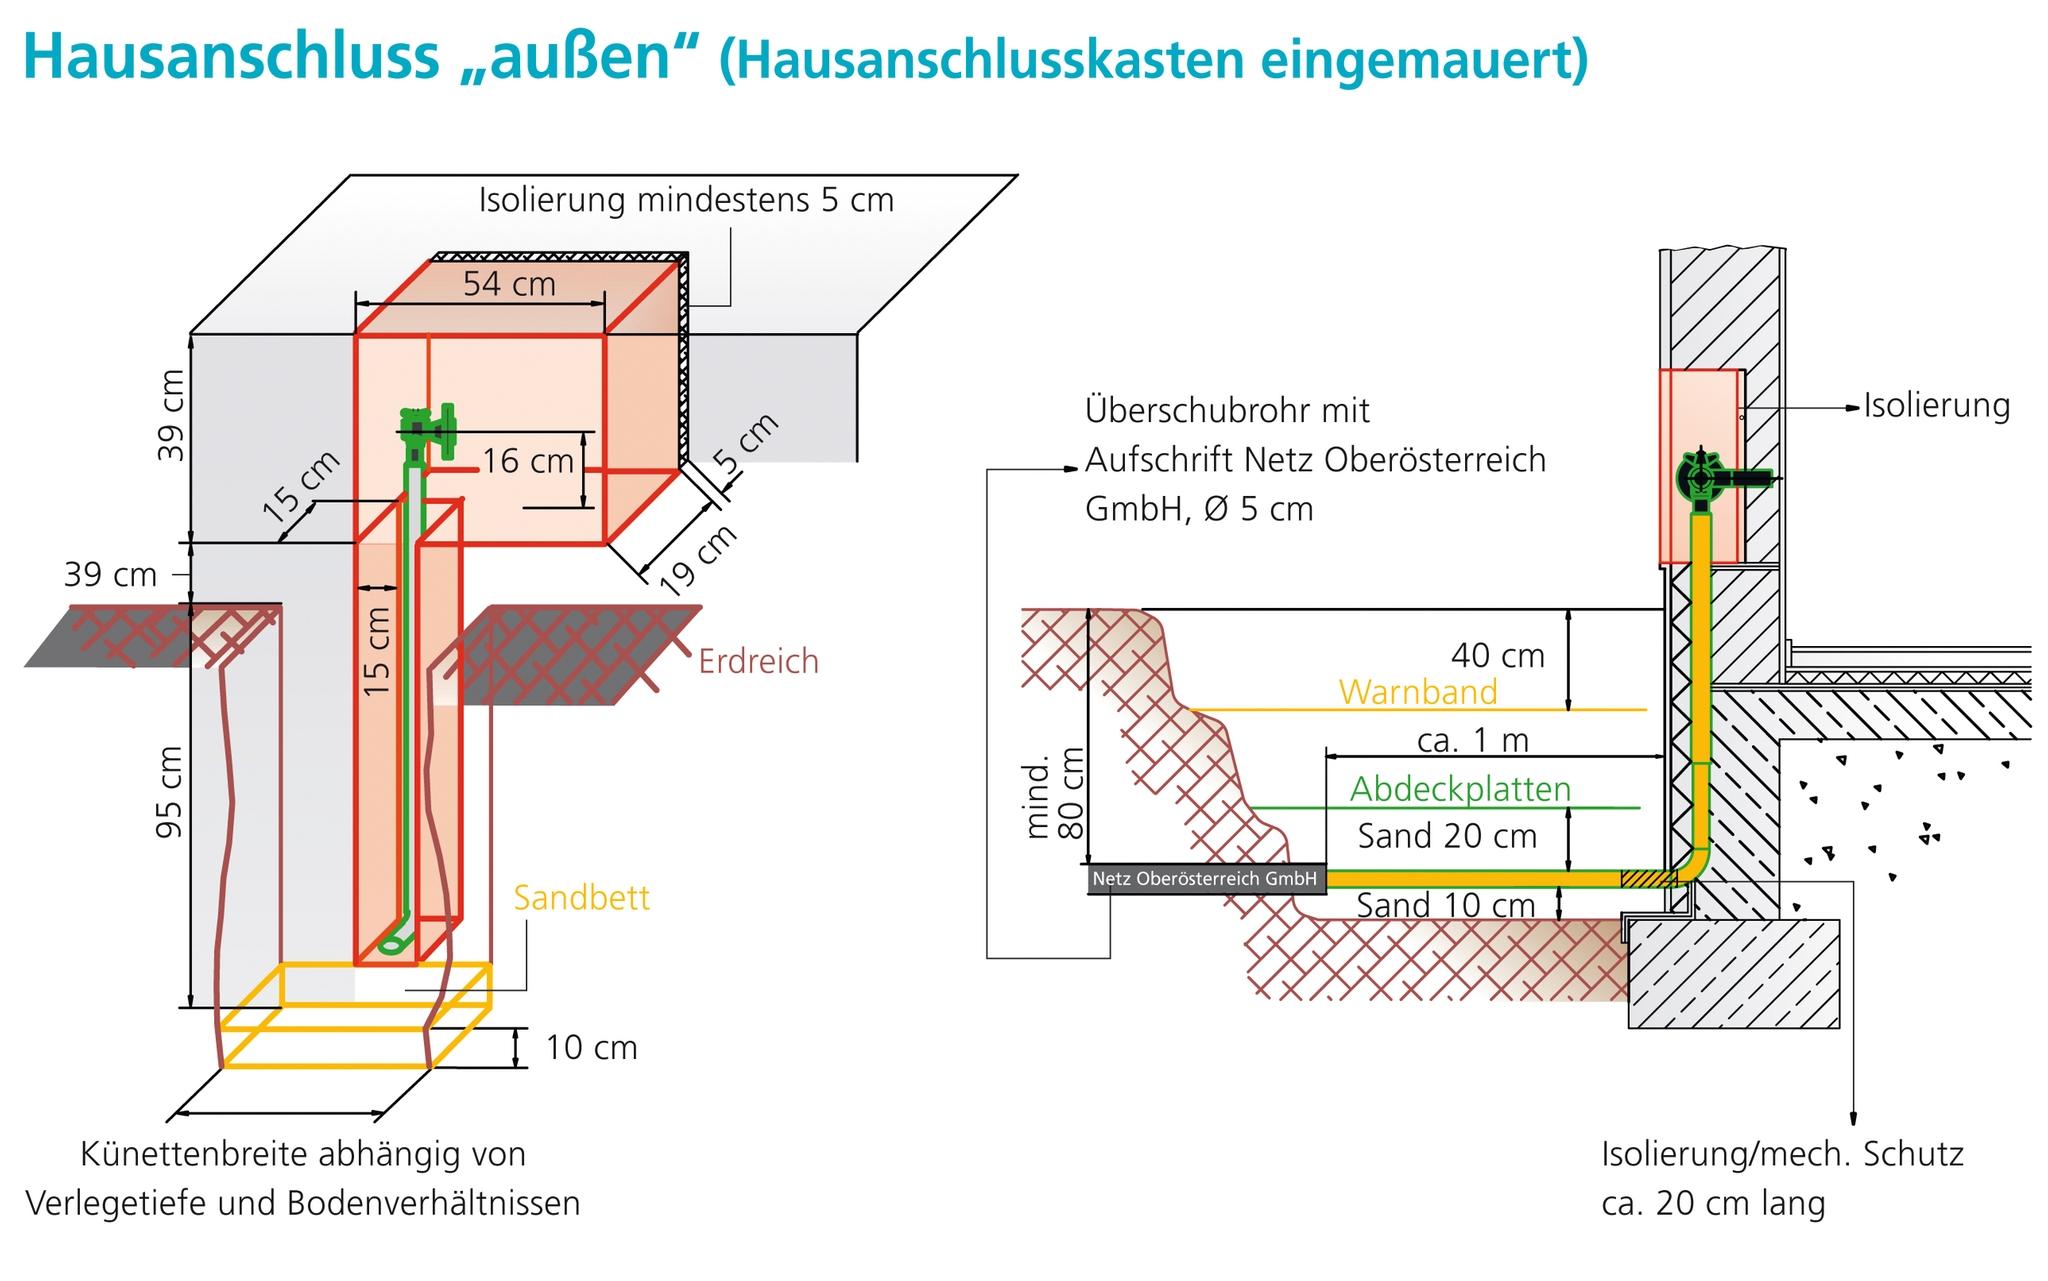 Wunderbar Wie Man Hausverdrahtung Elektrisch Macht Bilder ...